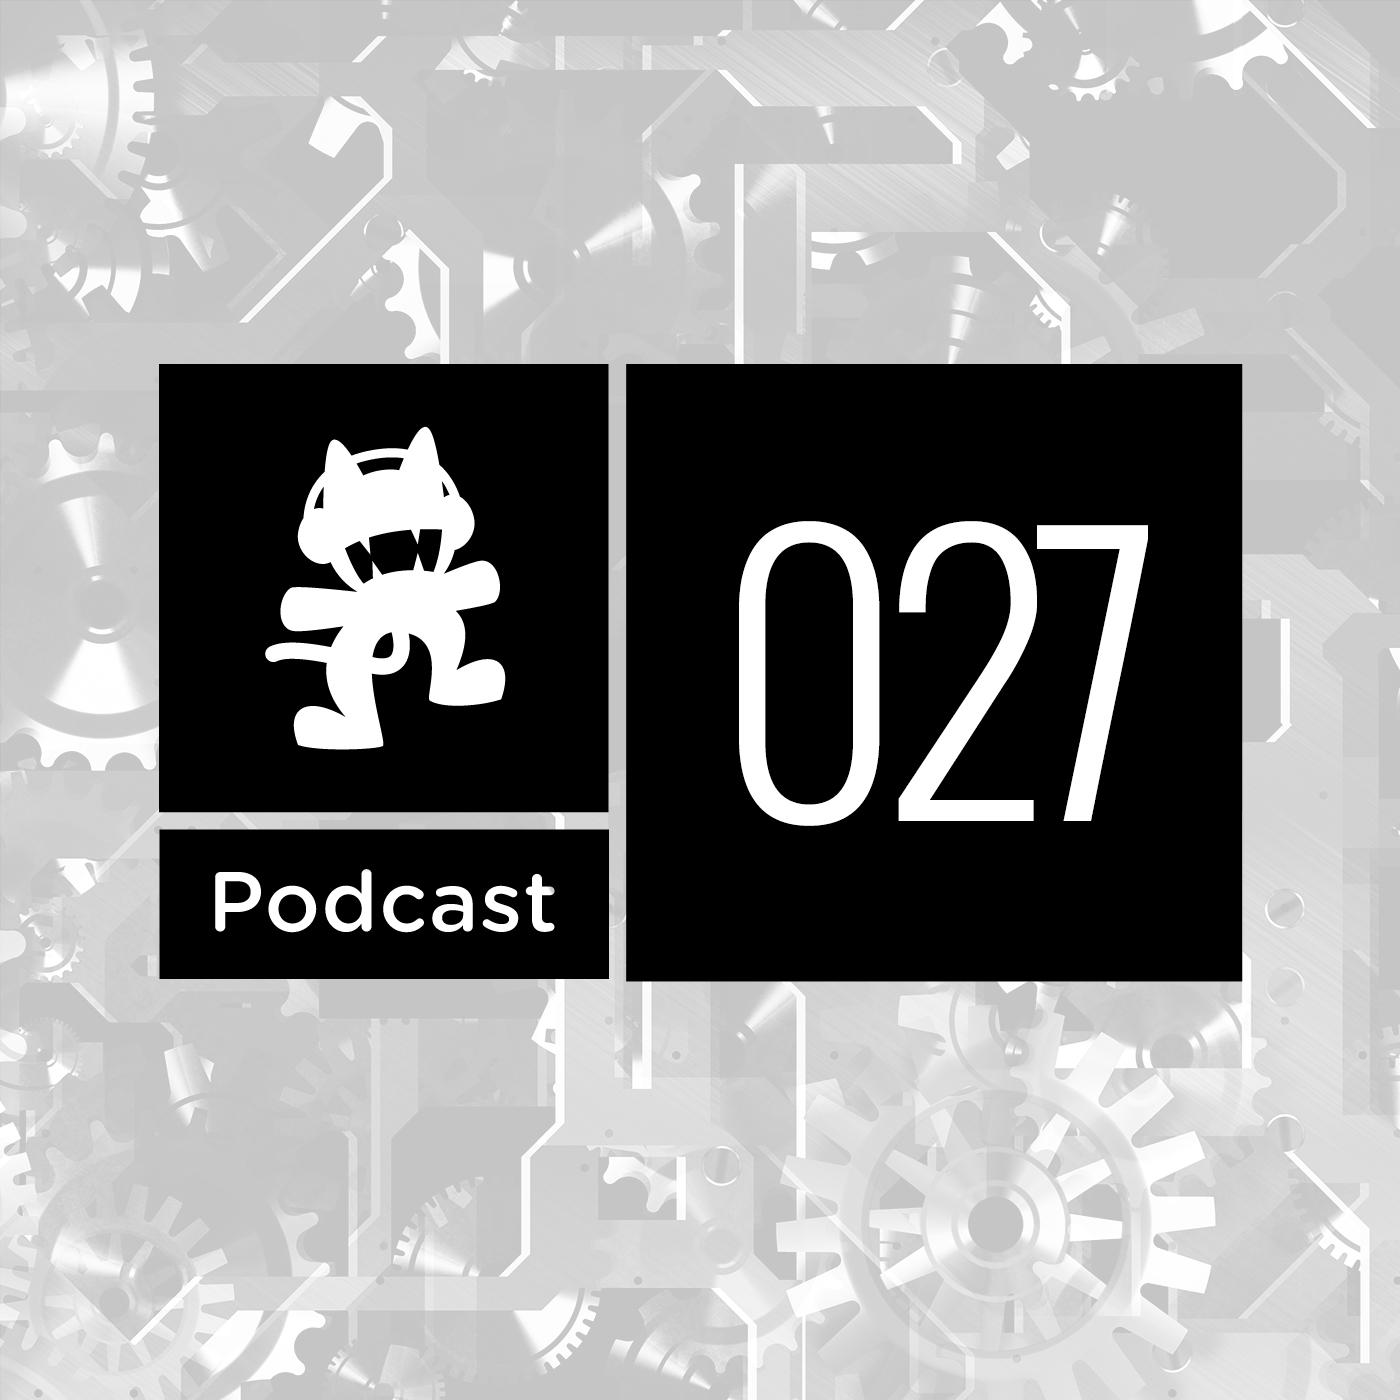 Monstercat Podcast - Episode 027